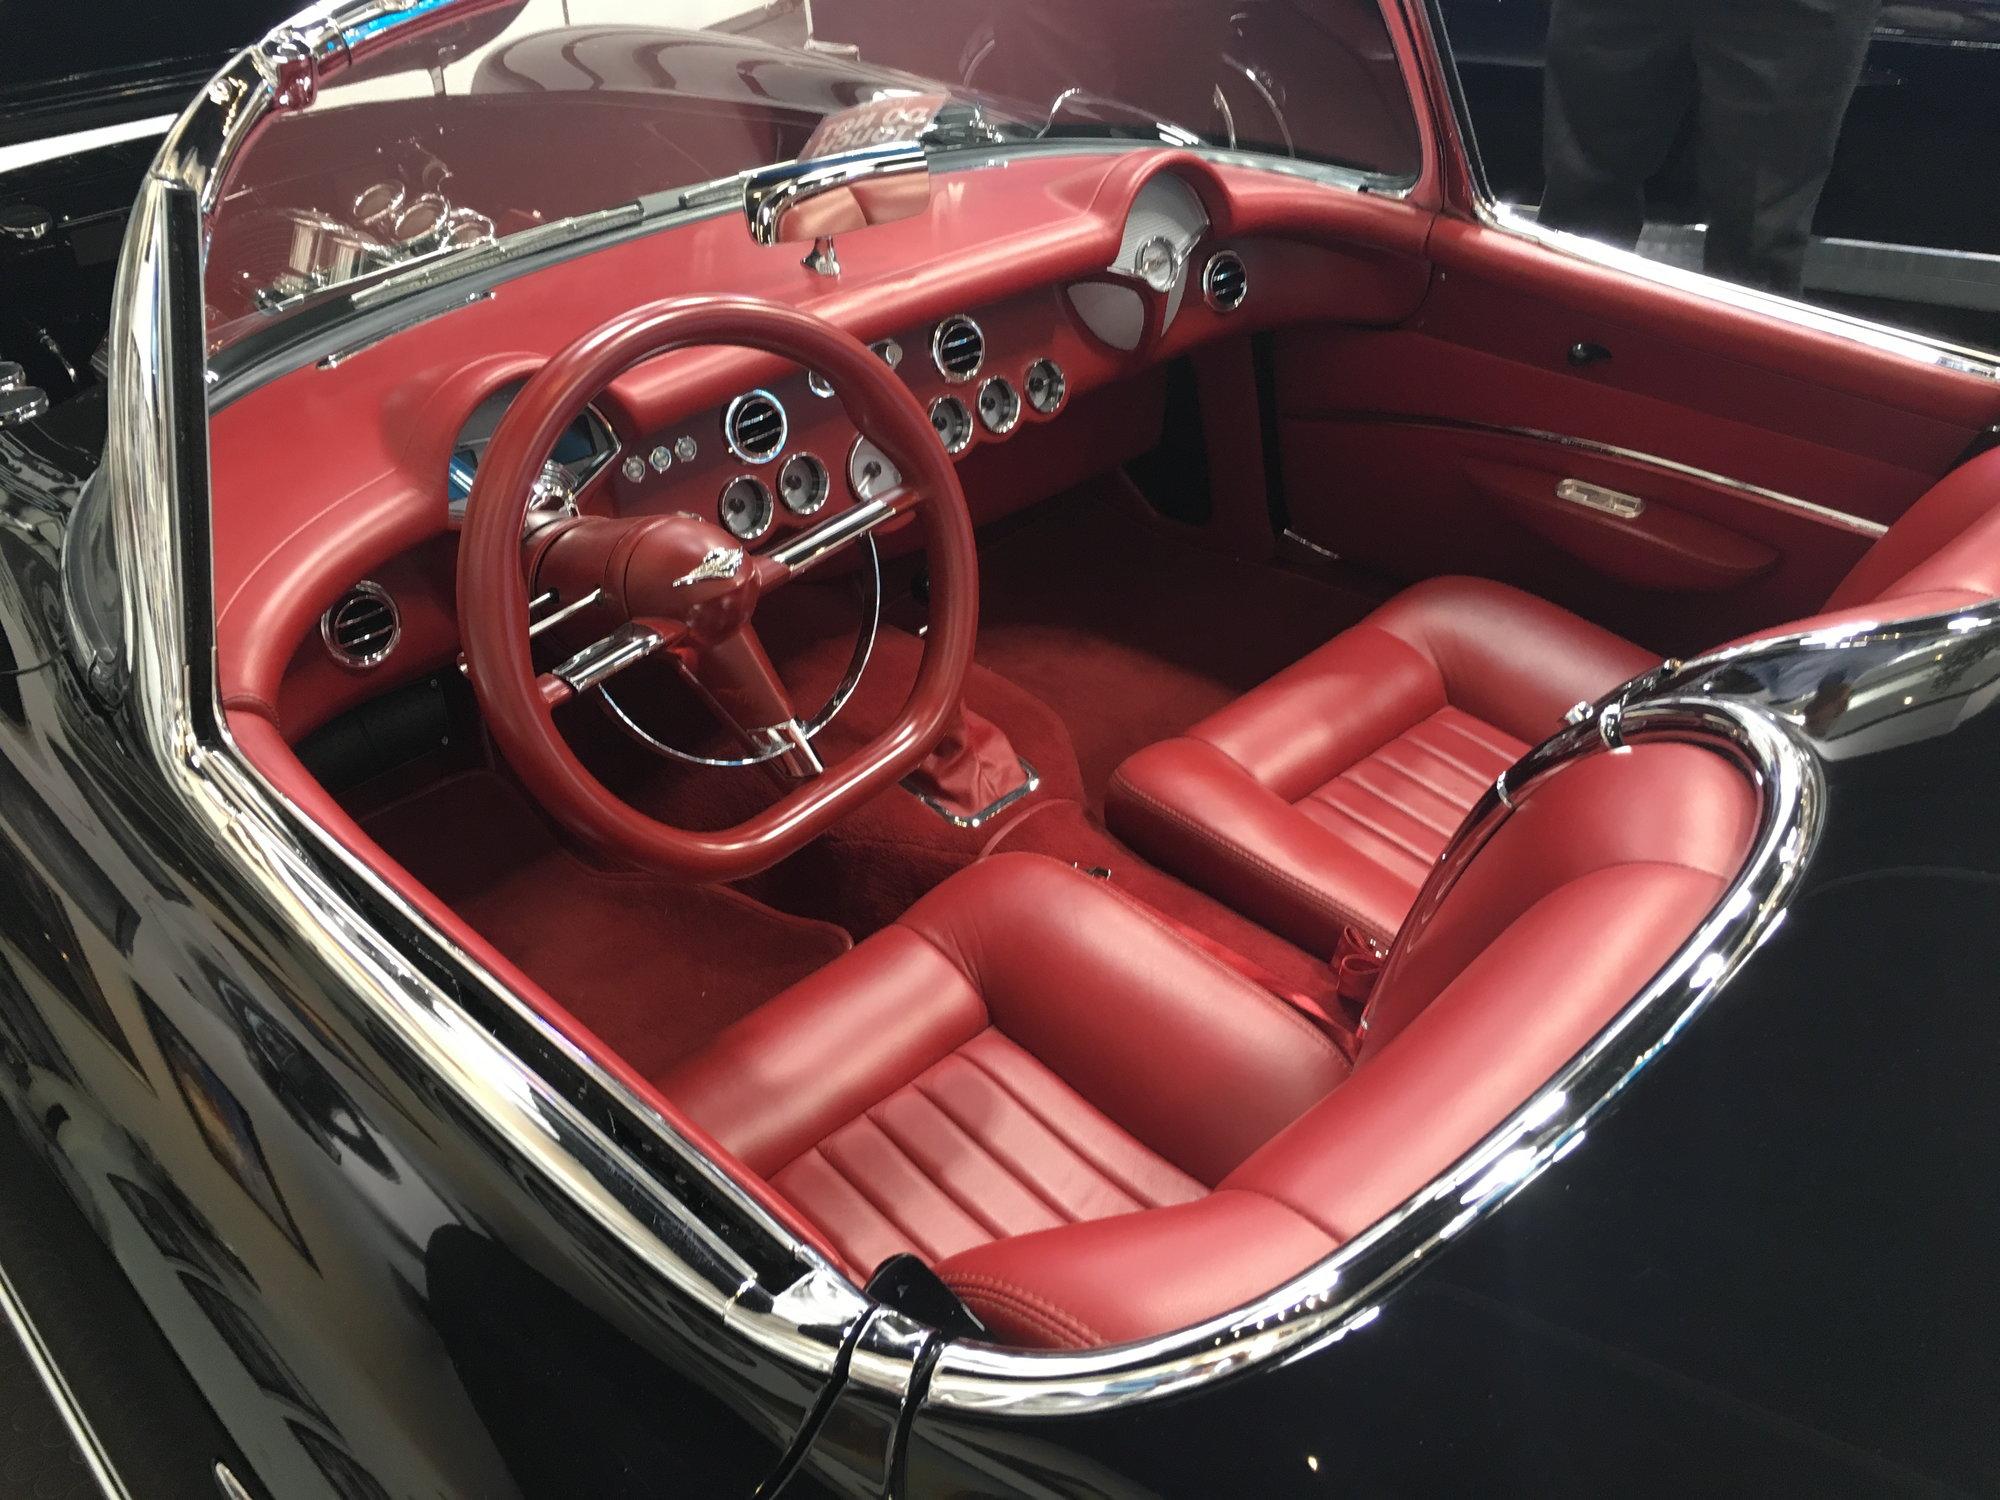 63 on Kindig's show tonight - CorvetteForum - Chevrolet Corvette